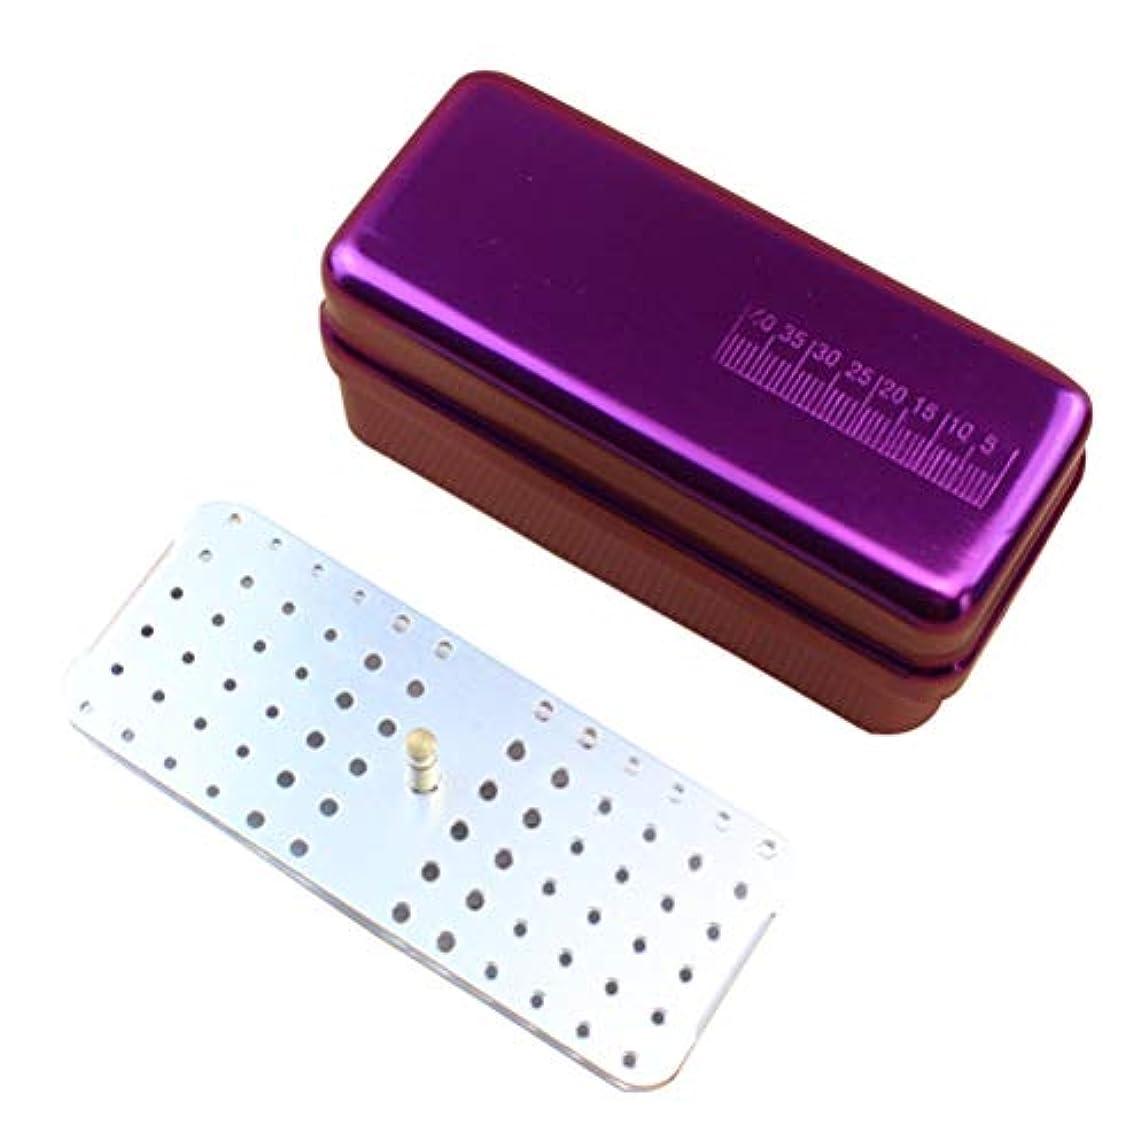 排泄するアルプス事実SUPVOX 72穴歯科用バーブロックホルダーオーラルケアツール用ダイヤモンドバーホルダーブロック消毒ボックス(パープル)